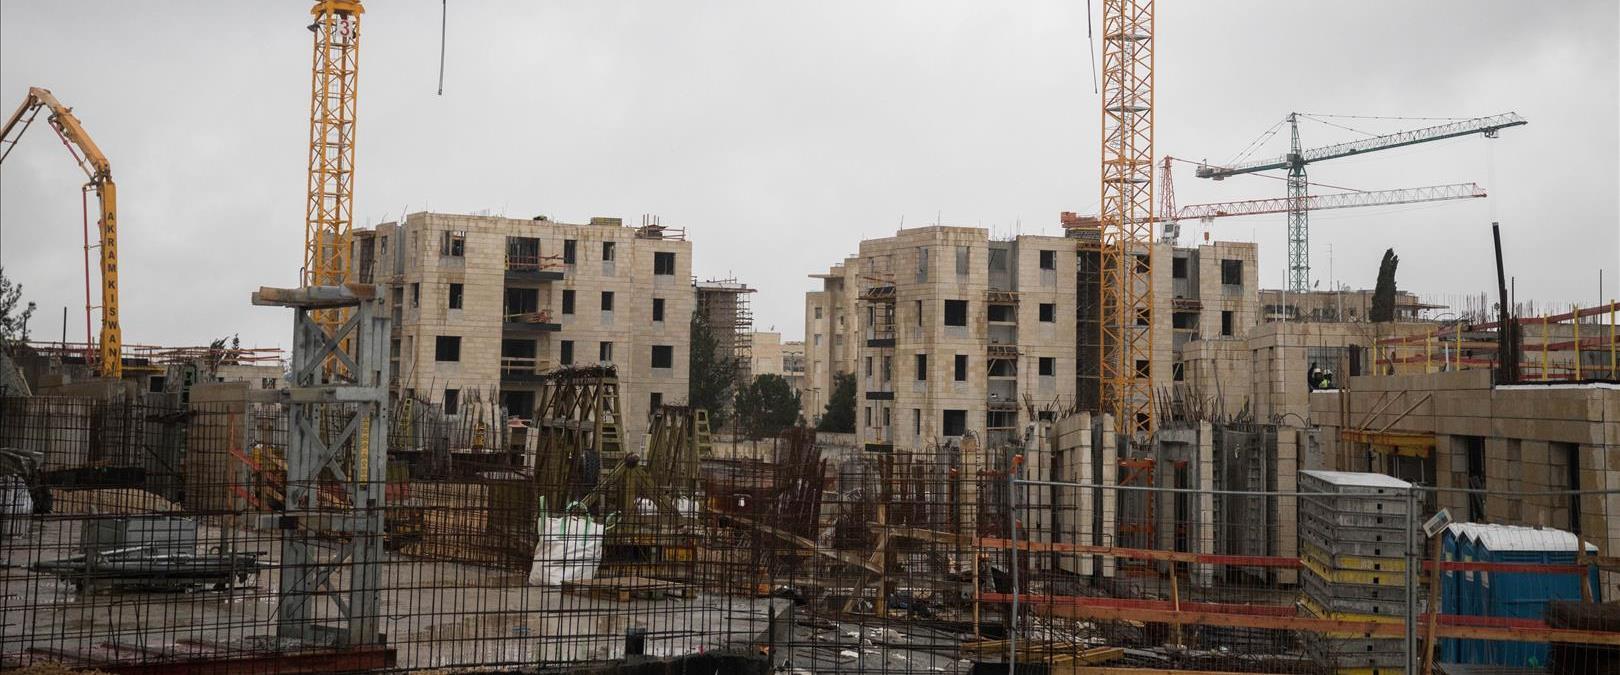 פרויקט מחיר למשתכן בירושלים